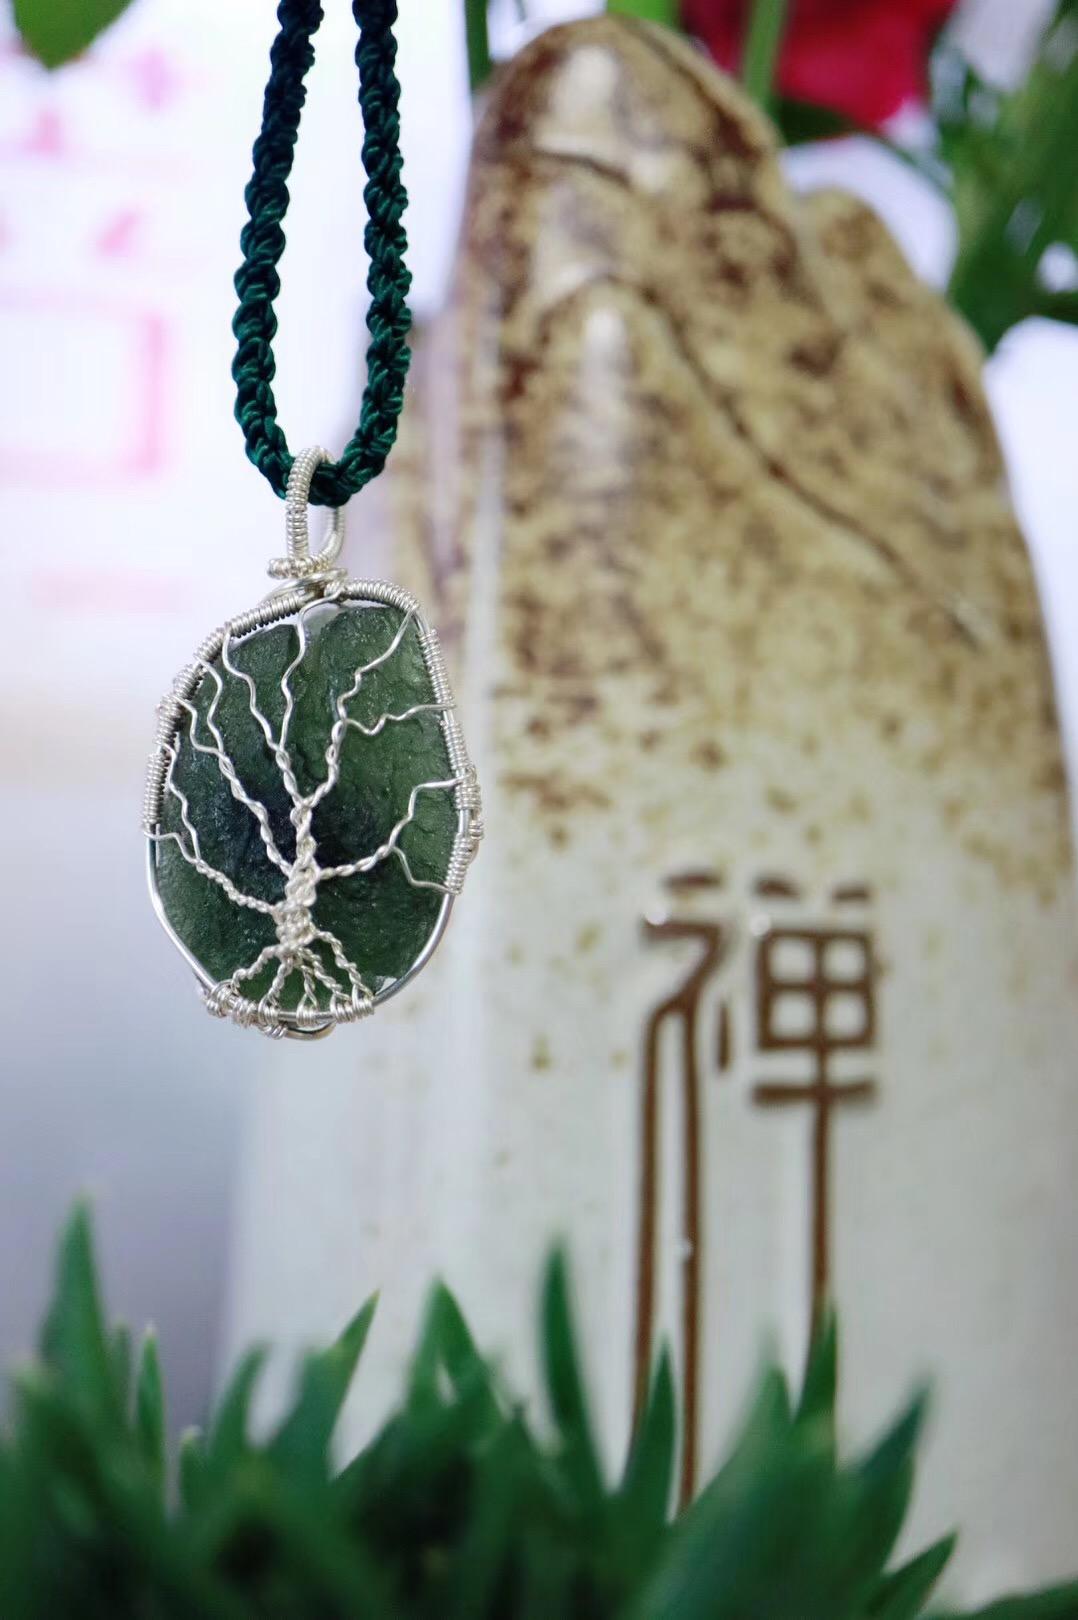 【菩心捷克陨石 | 🌳】生命之树,菩心的经典款-菩心晶舍